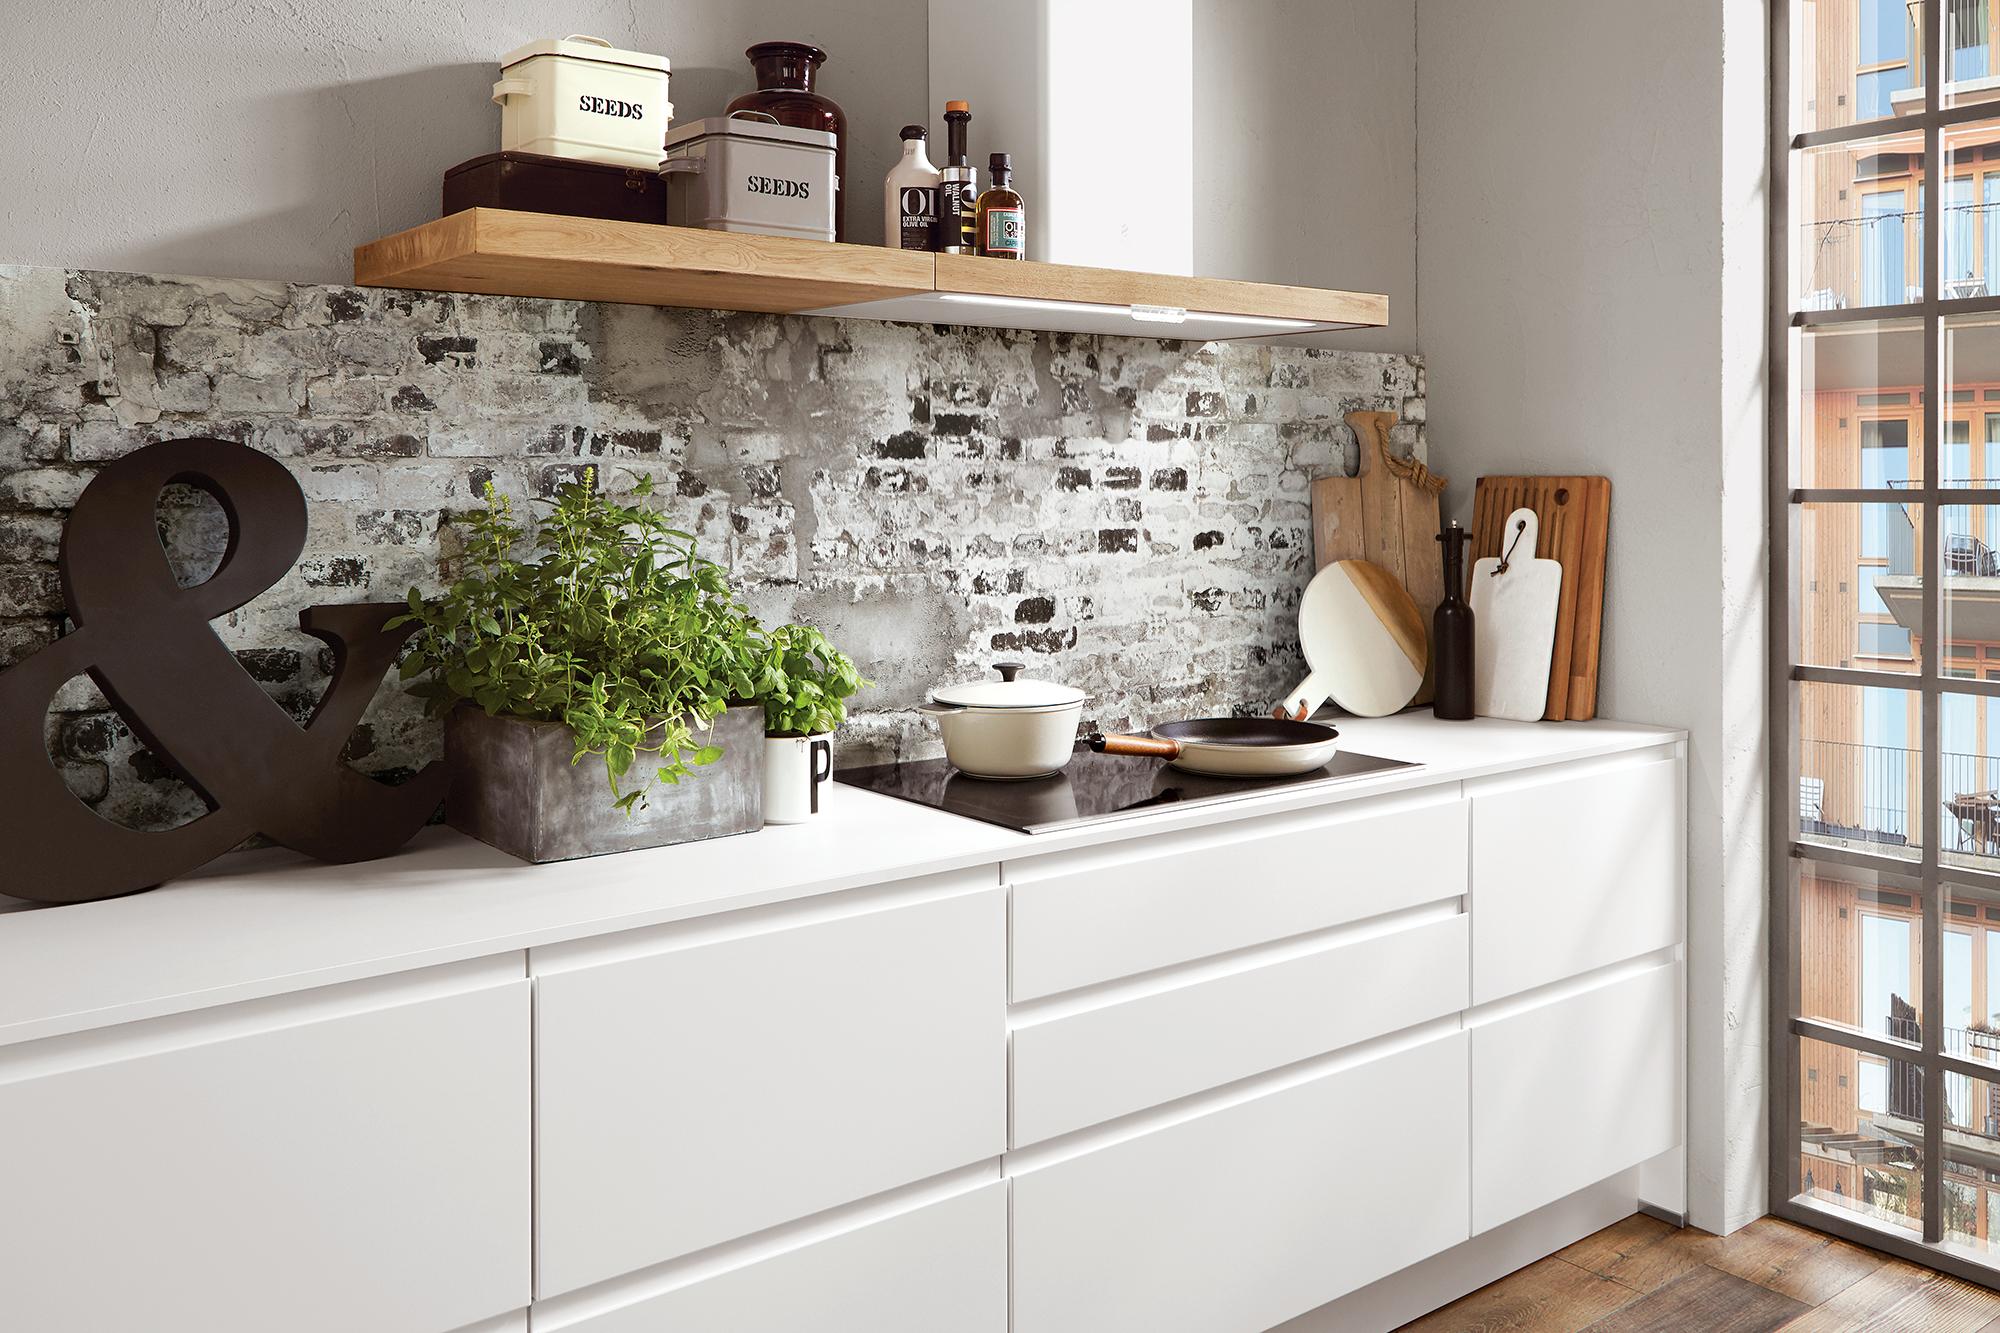 Environnement industriel chic grâce à la cuisine moderne et design ...